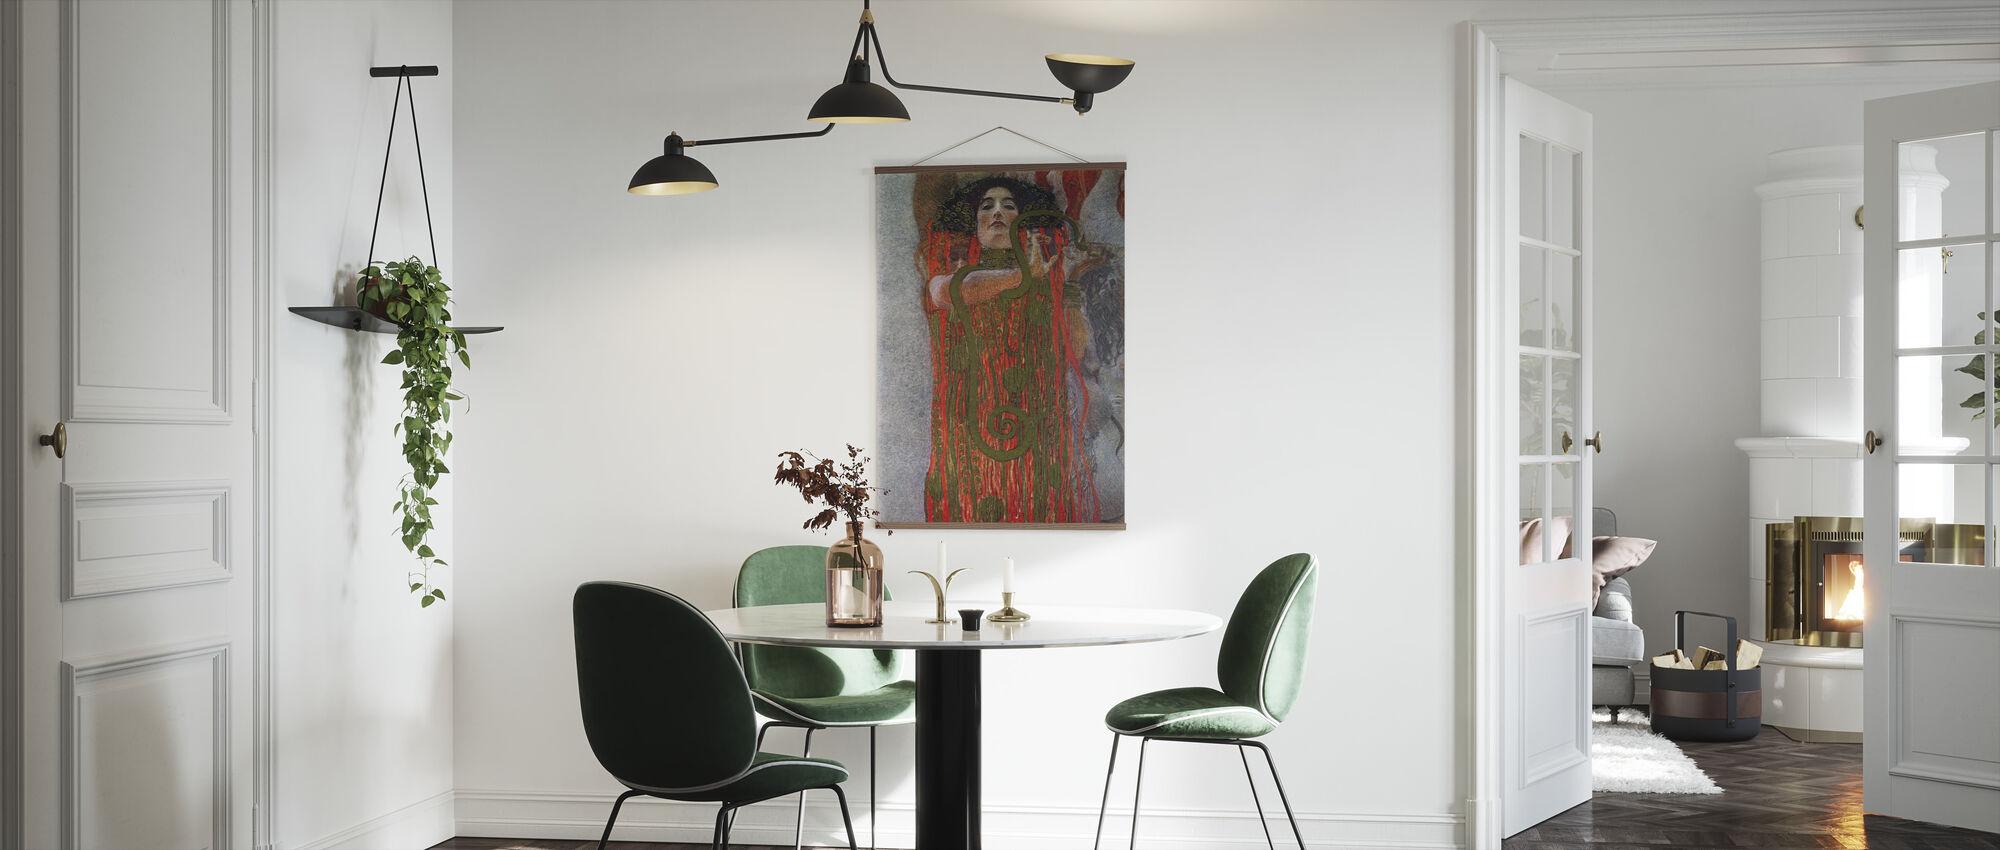 Hygieia - Gustav Klimt - Poster - Küchen